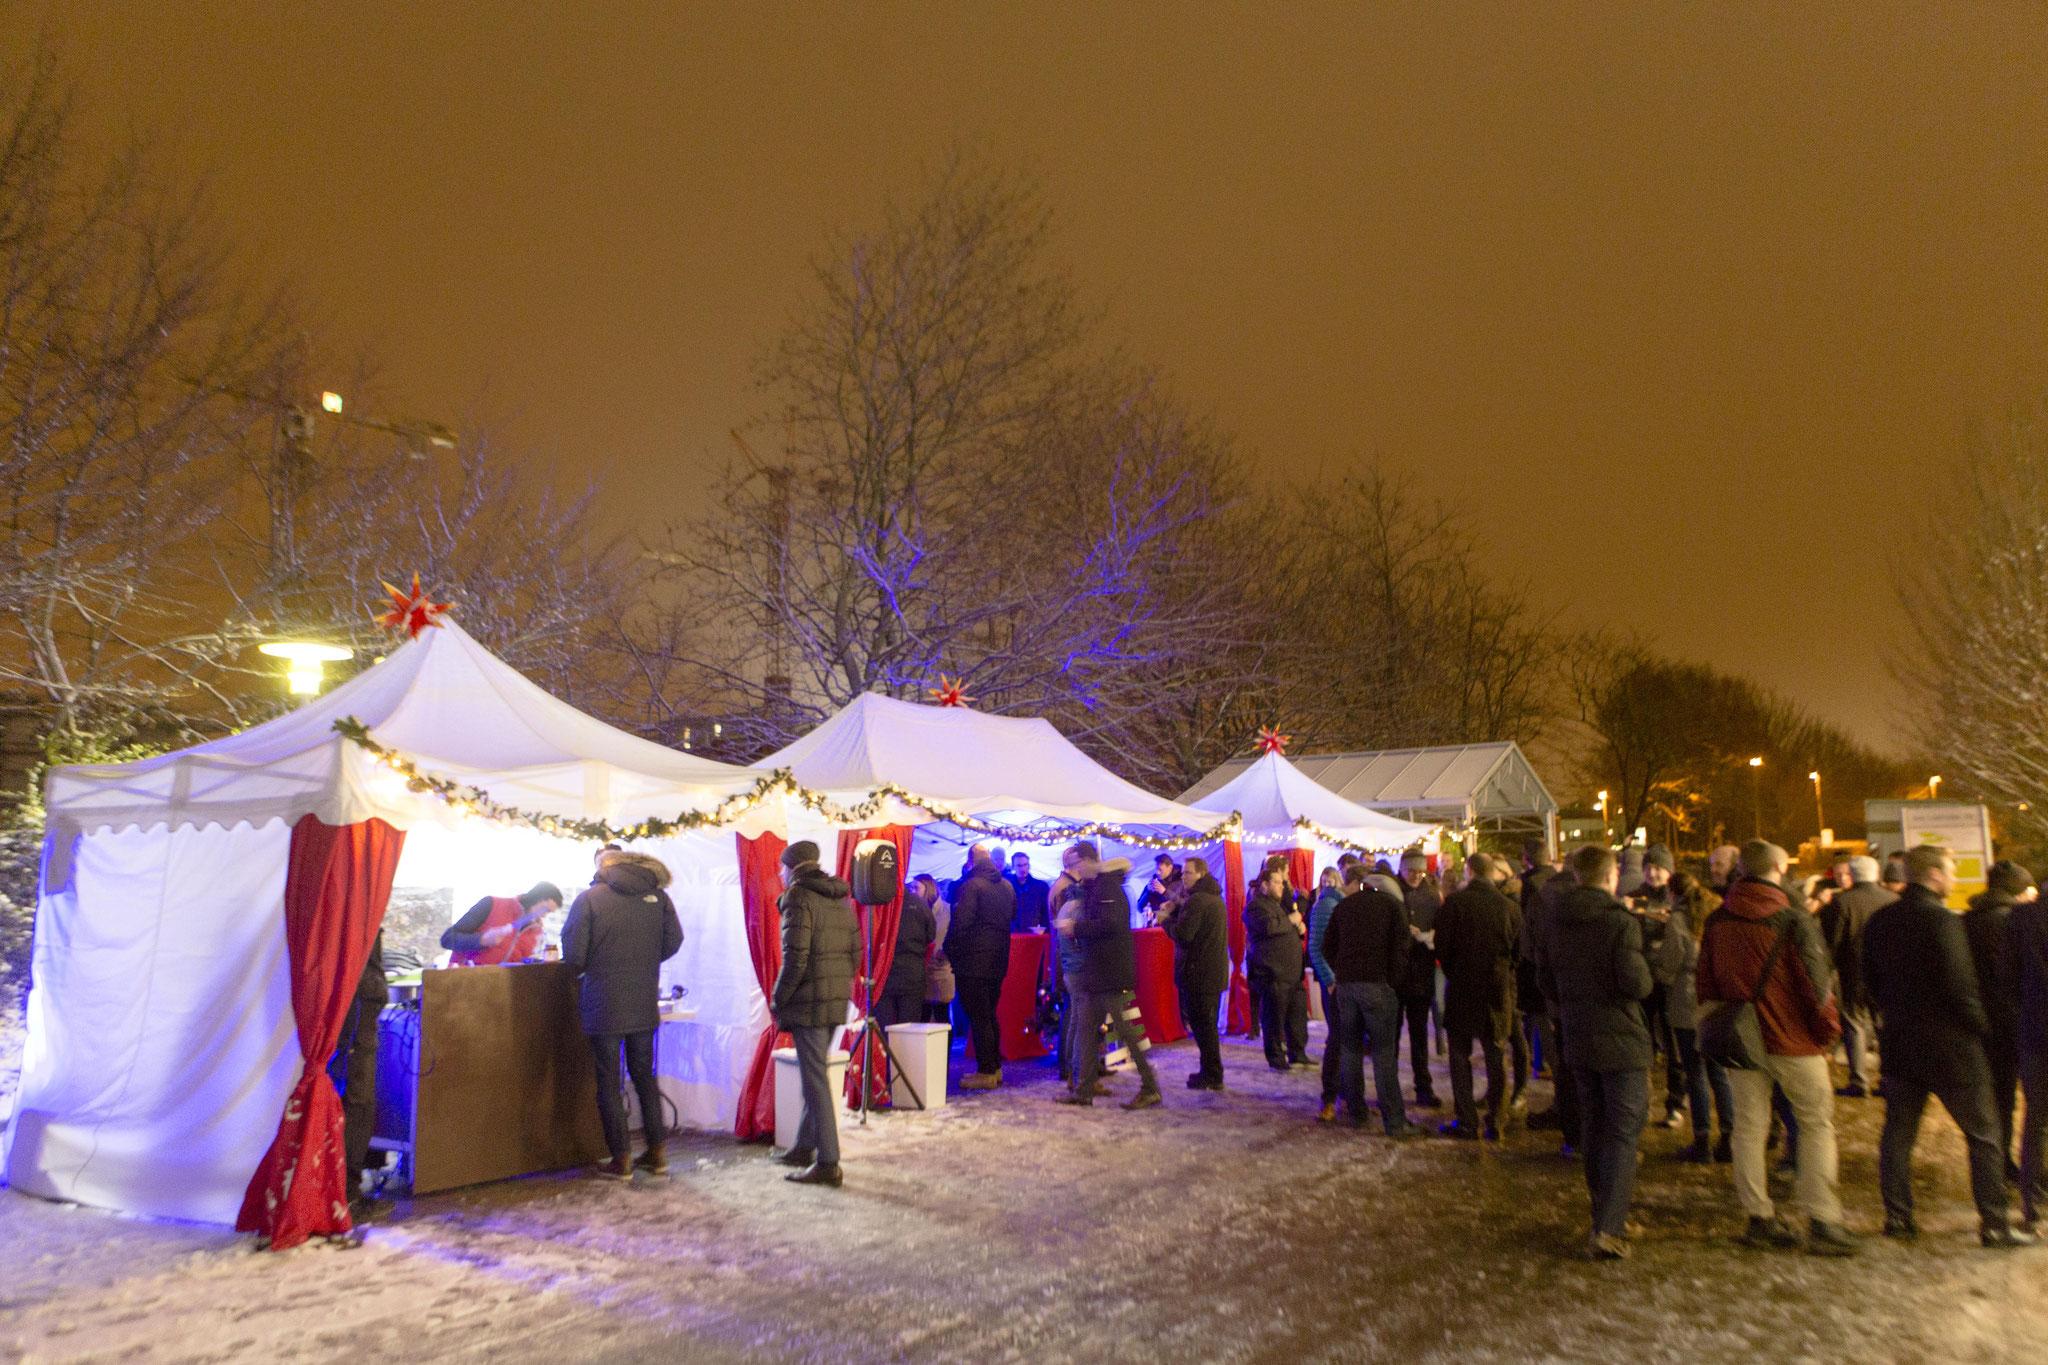 gemütliche Stimmung auf dem mobilen Weihnachtsmarkt mit weihnachtlichen Pagoden